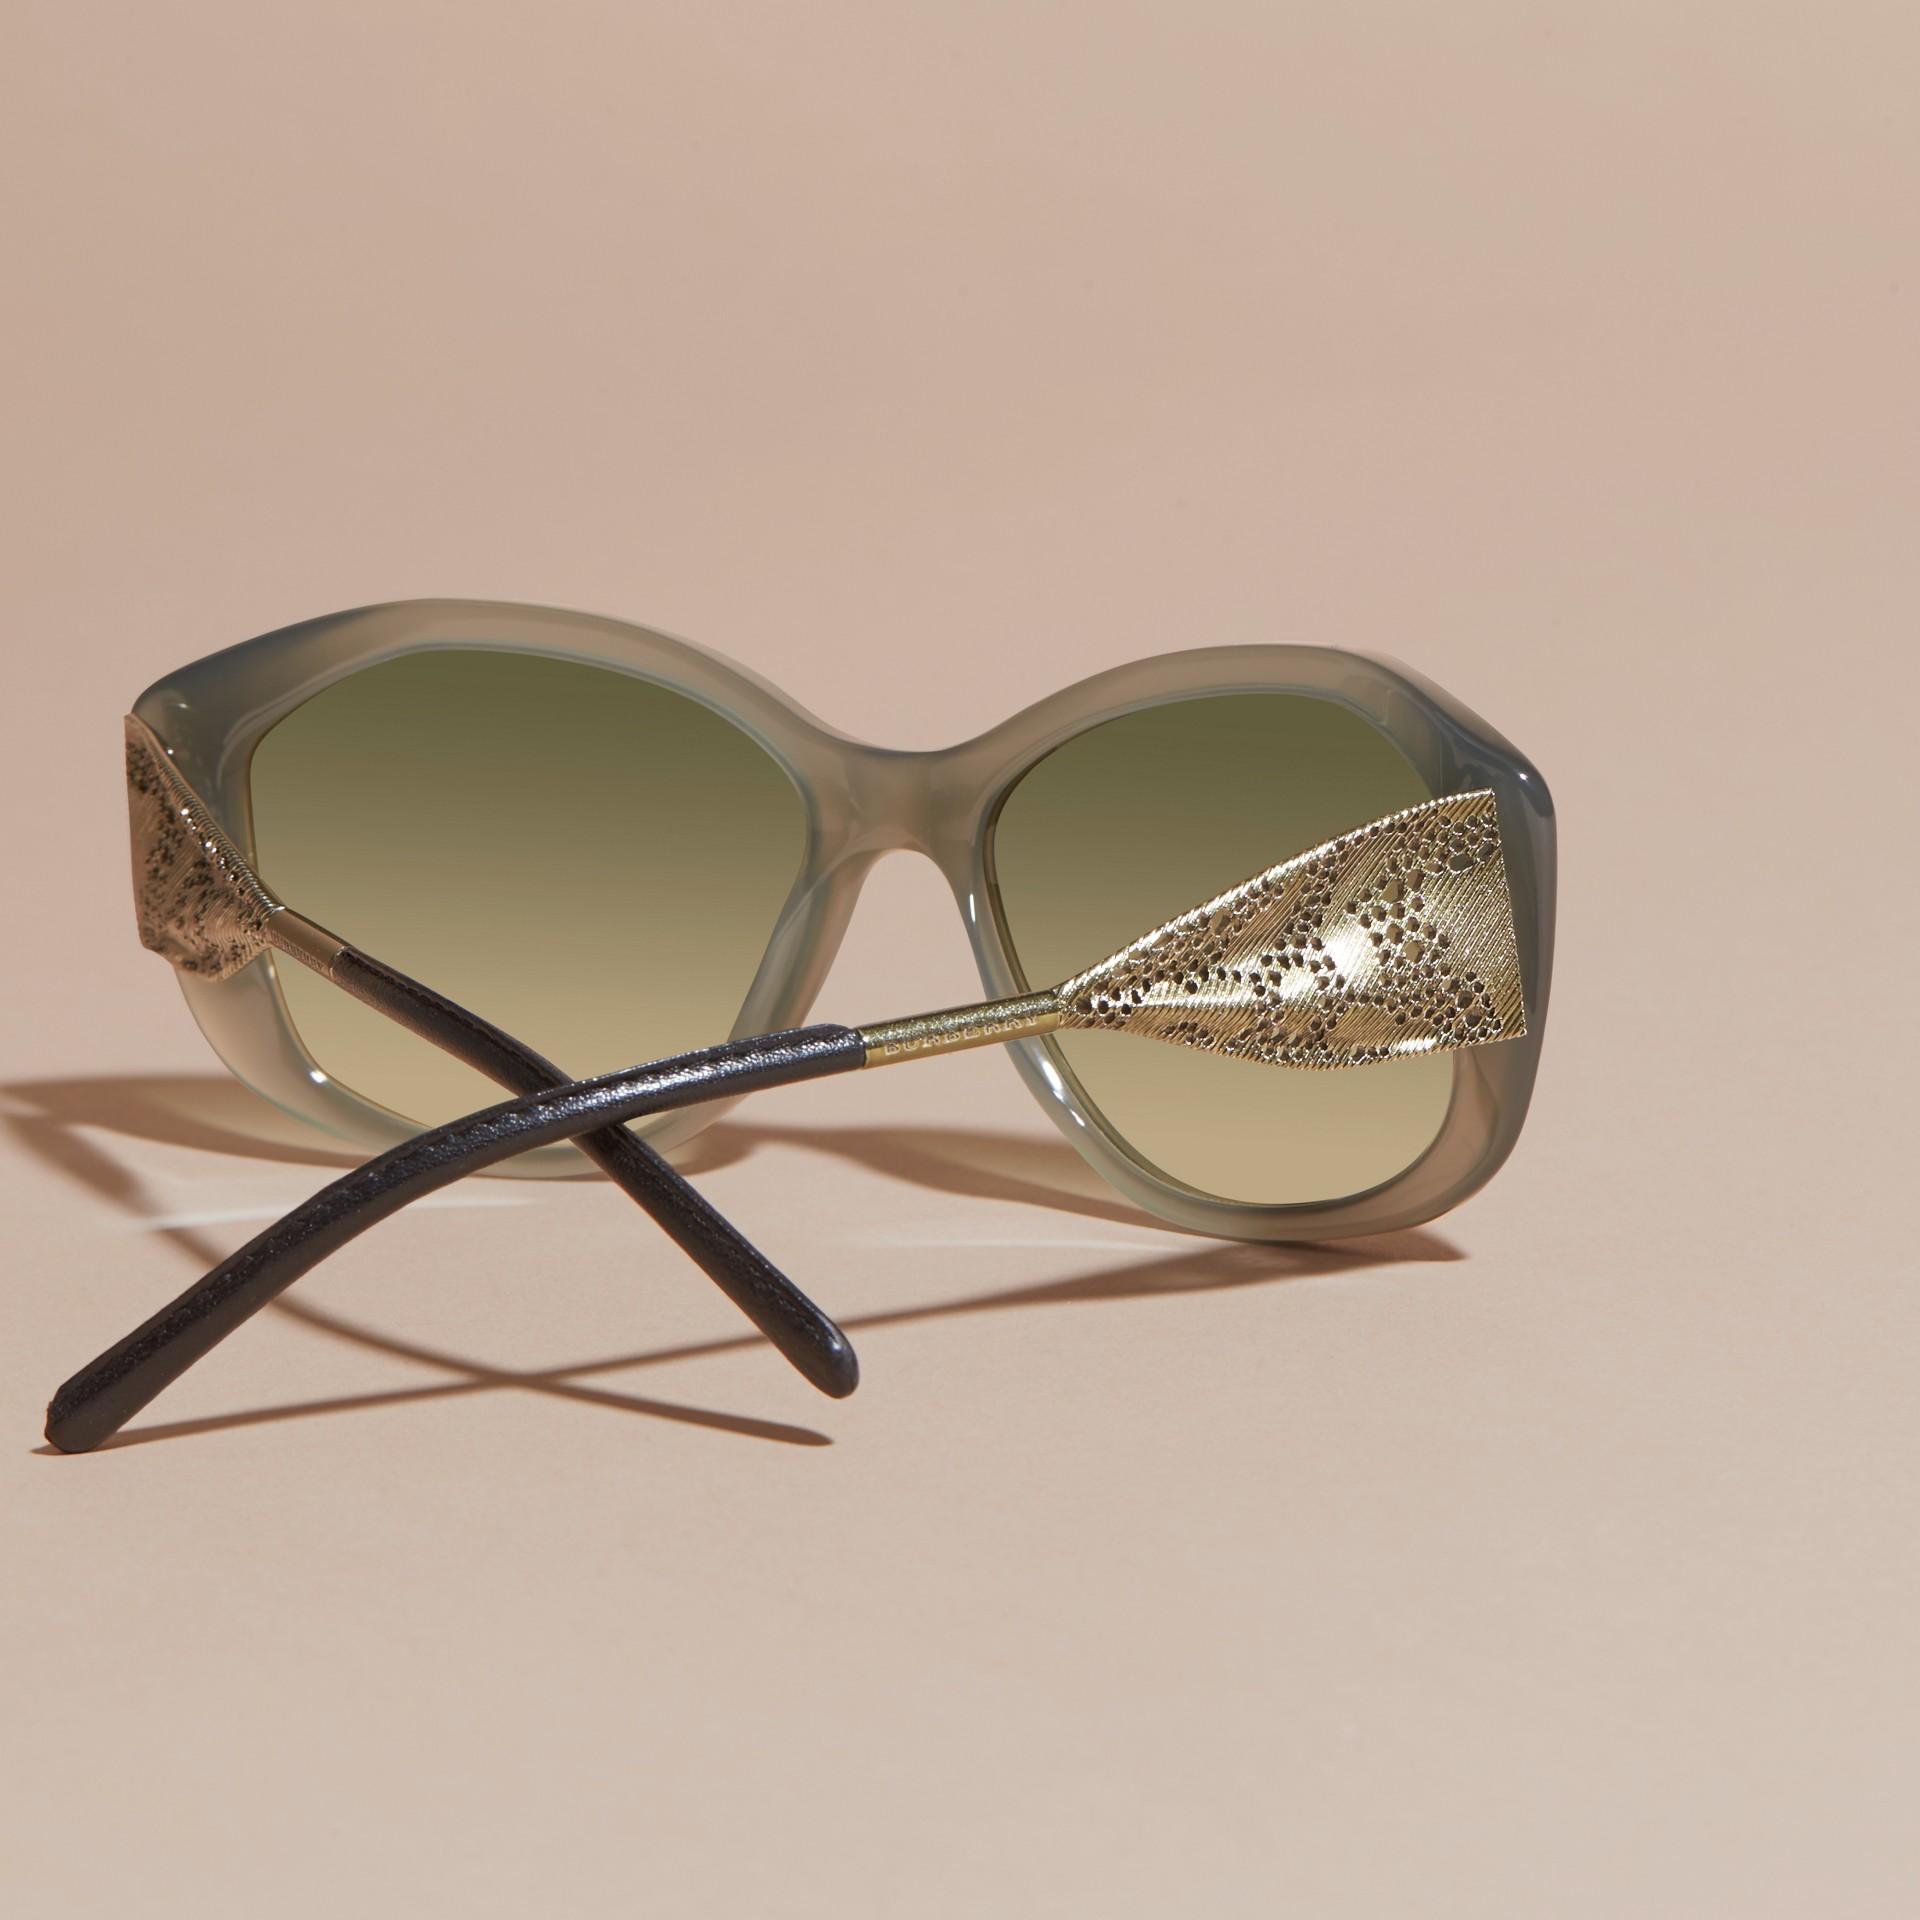 Verde ópalo Gafas de sol con montura cuadrada de la colección Encaje de gabardina Verde Ópalo - imagen de la galería 4